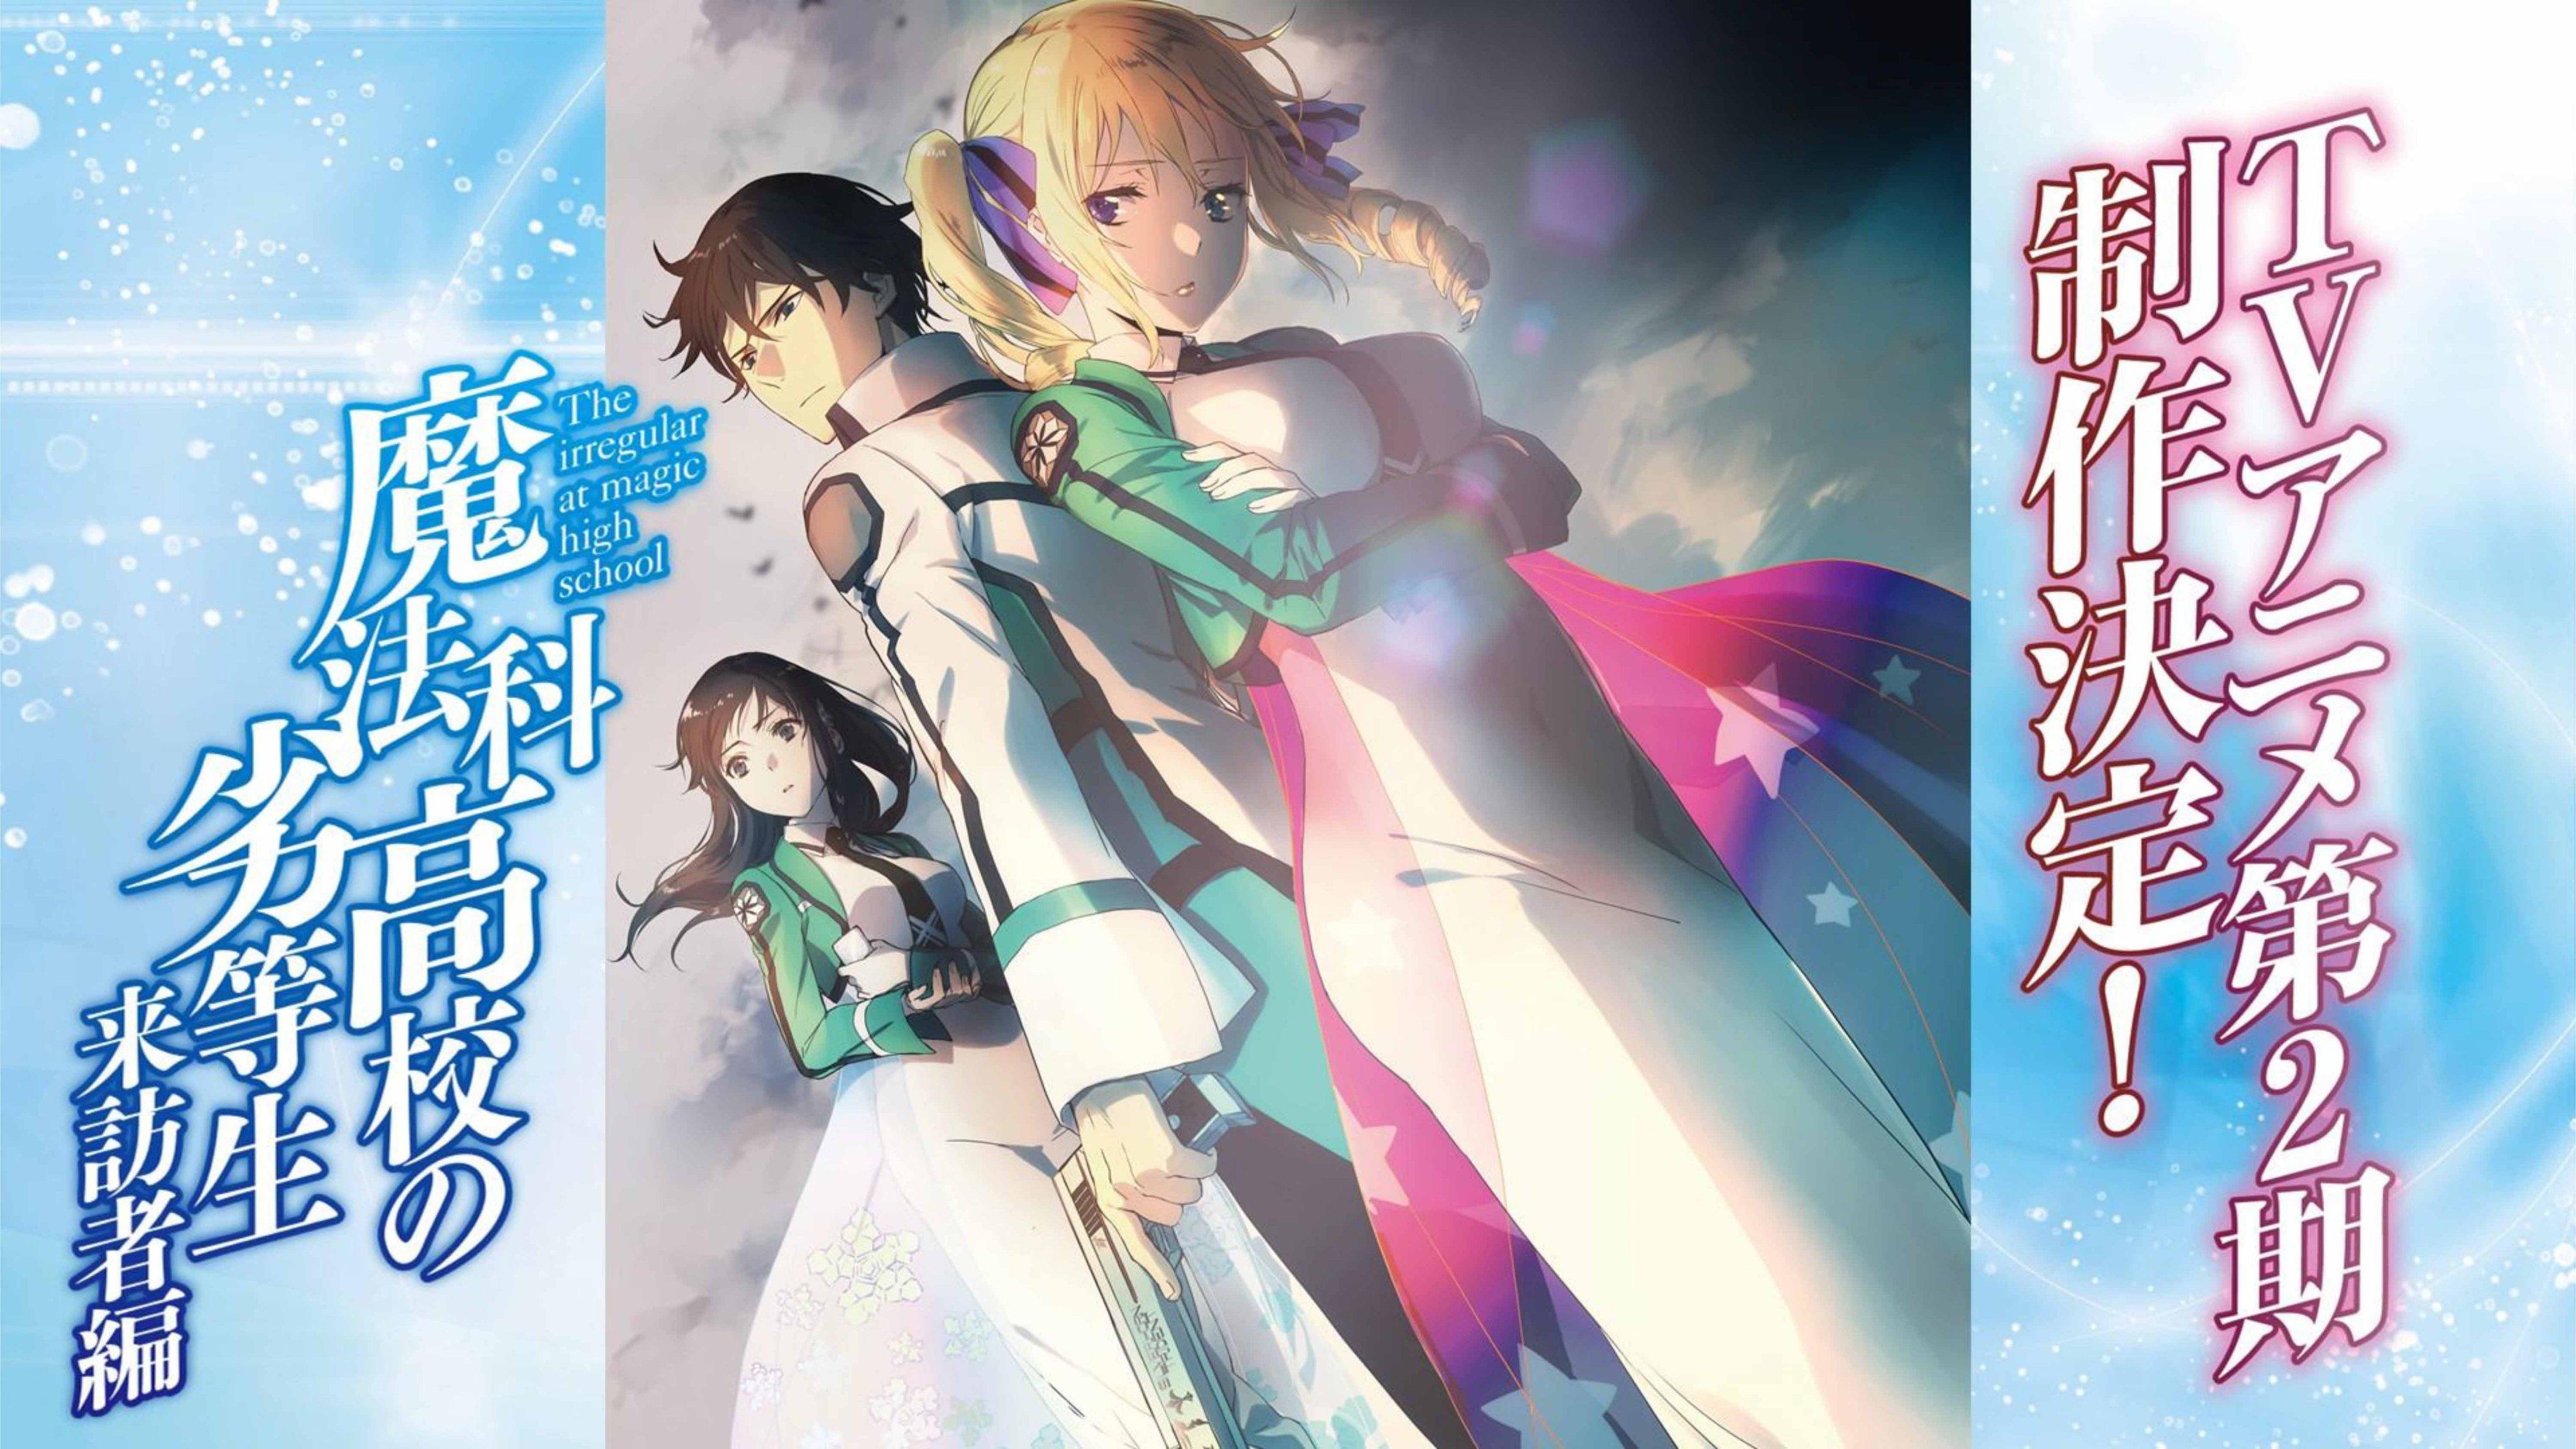 Best Harem Anime 2020.Season 2 Announced For 2020 Titled Mahouka Koukou No